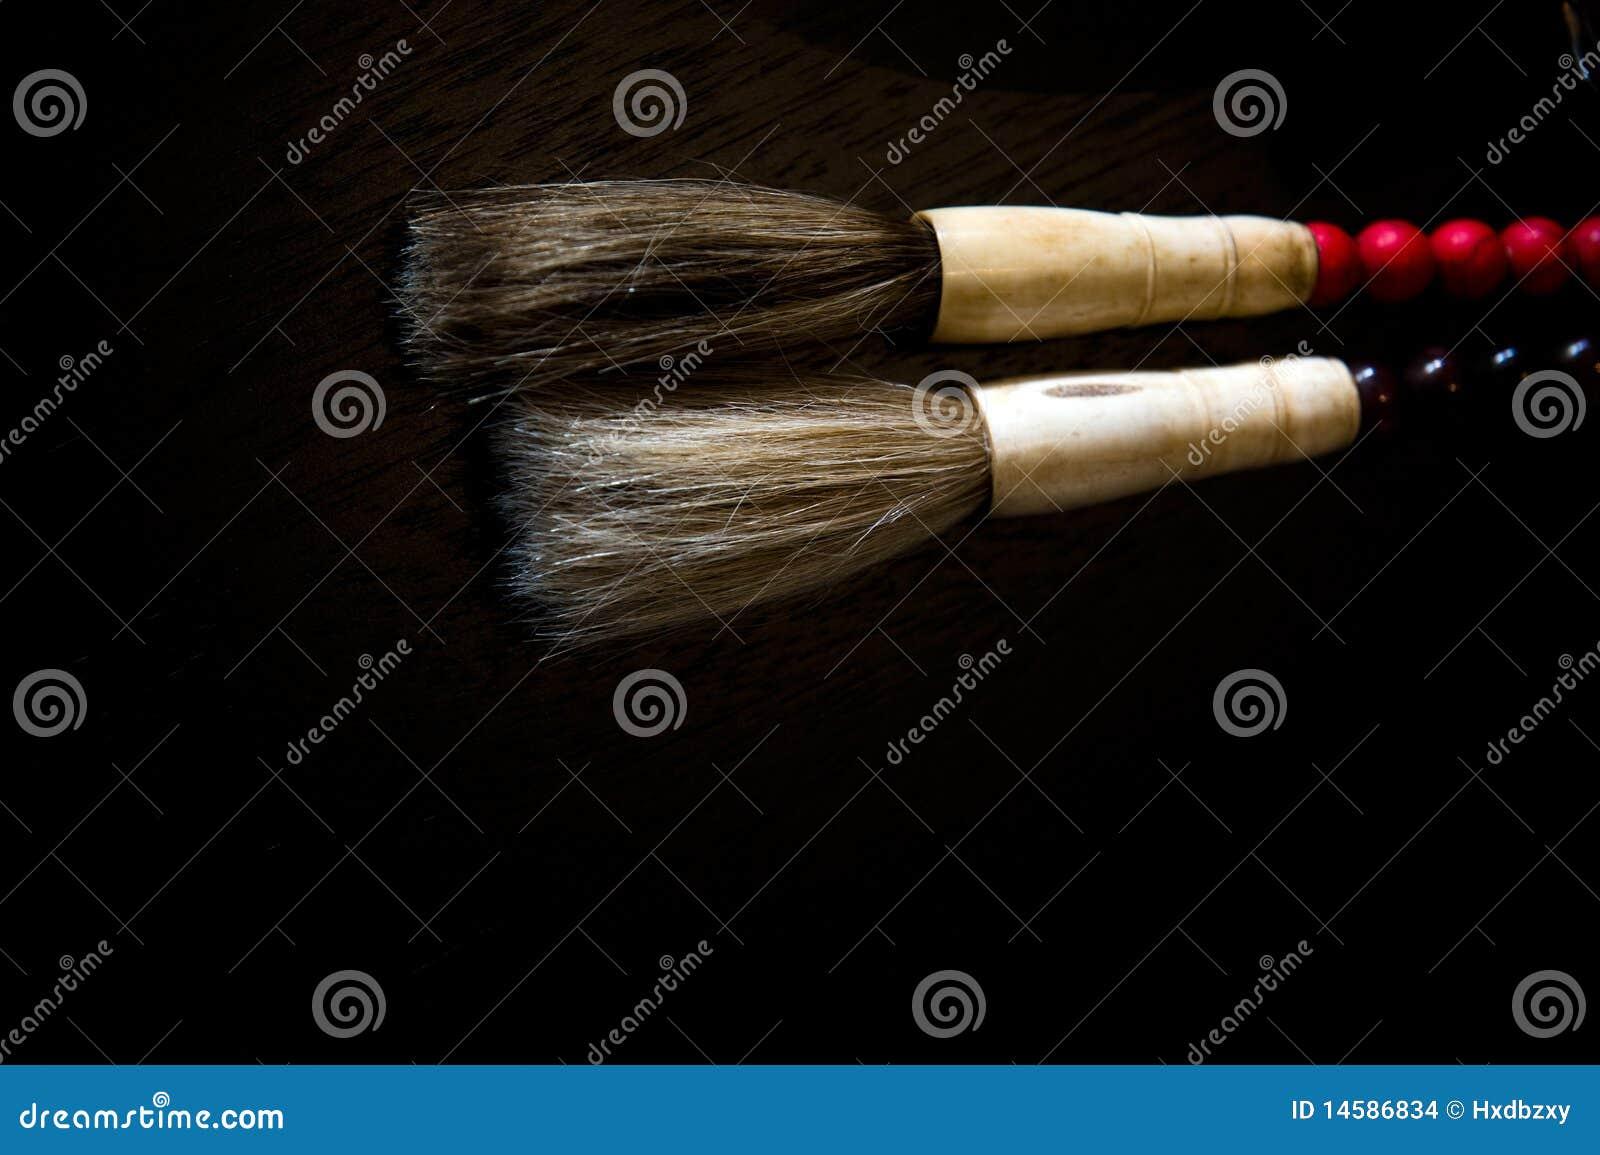 Chinese calligraphic brushes